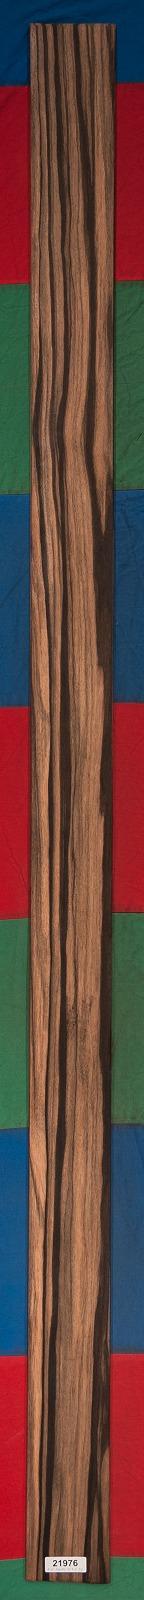 AAA Flat Cut Ebony (Macassar) Veneer Lot